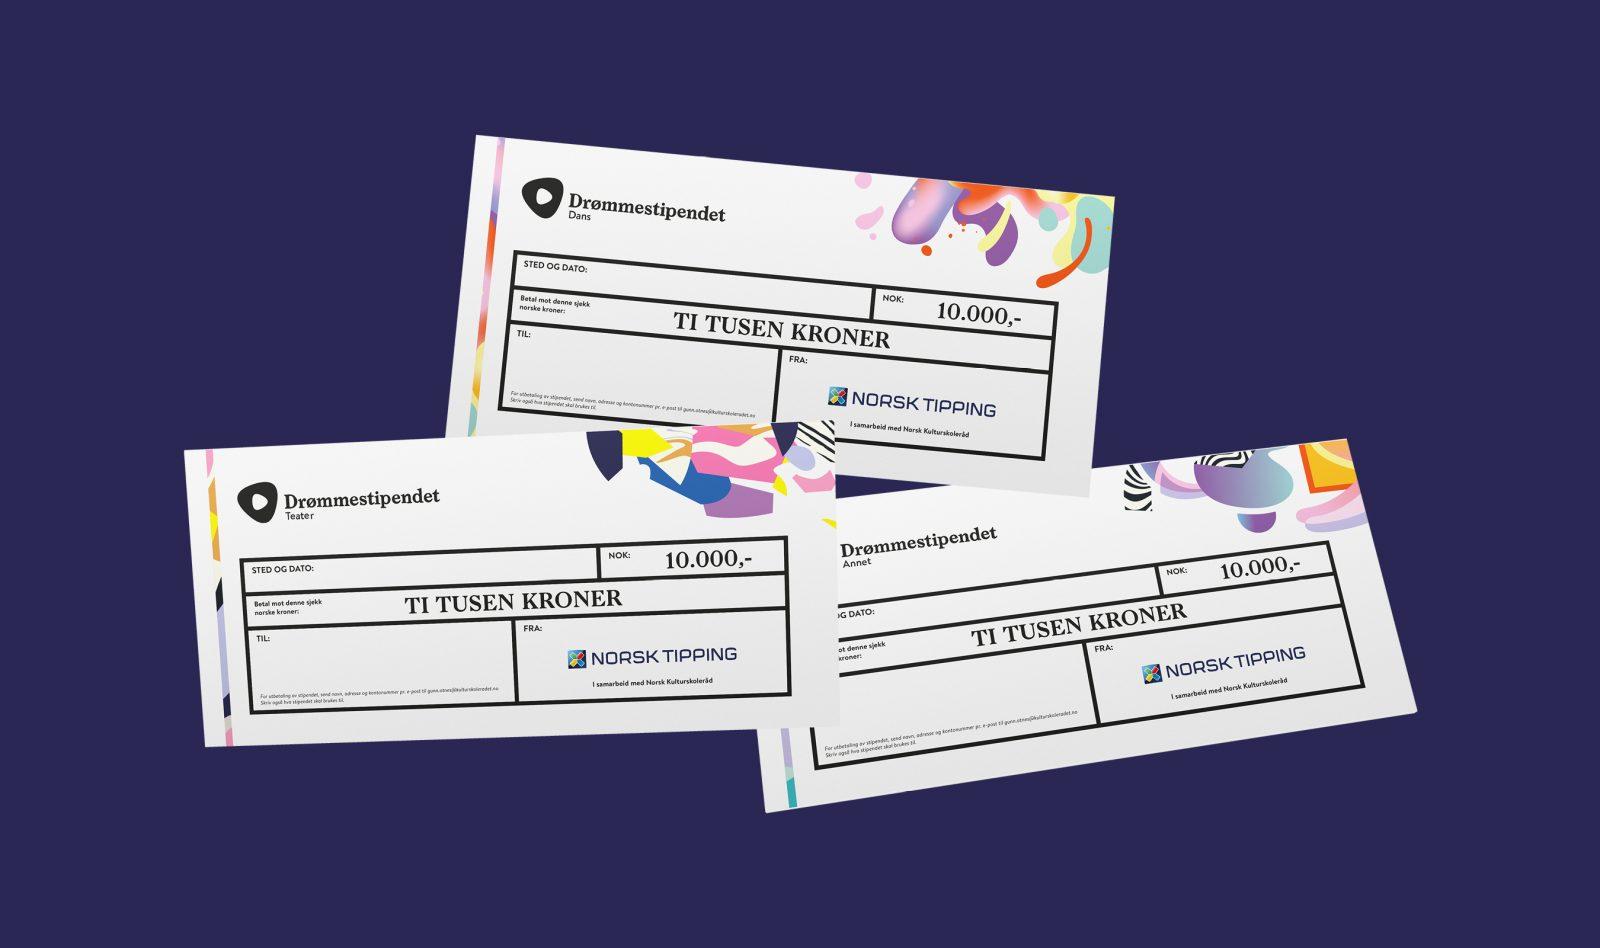 Cheque designs for Drømmestipendet